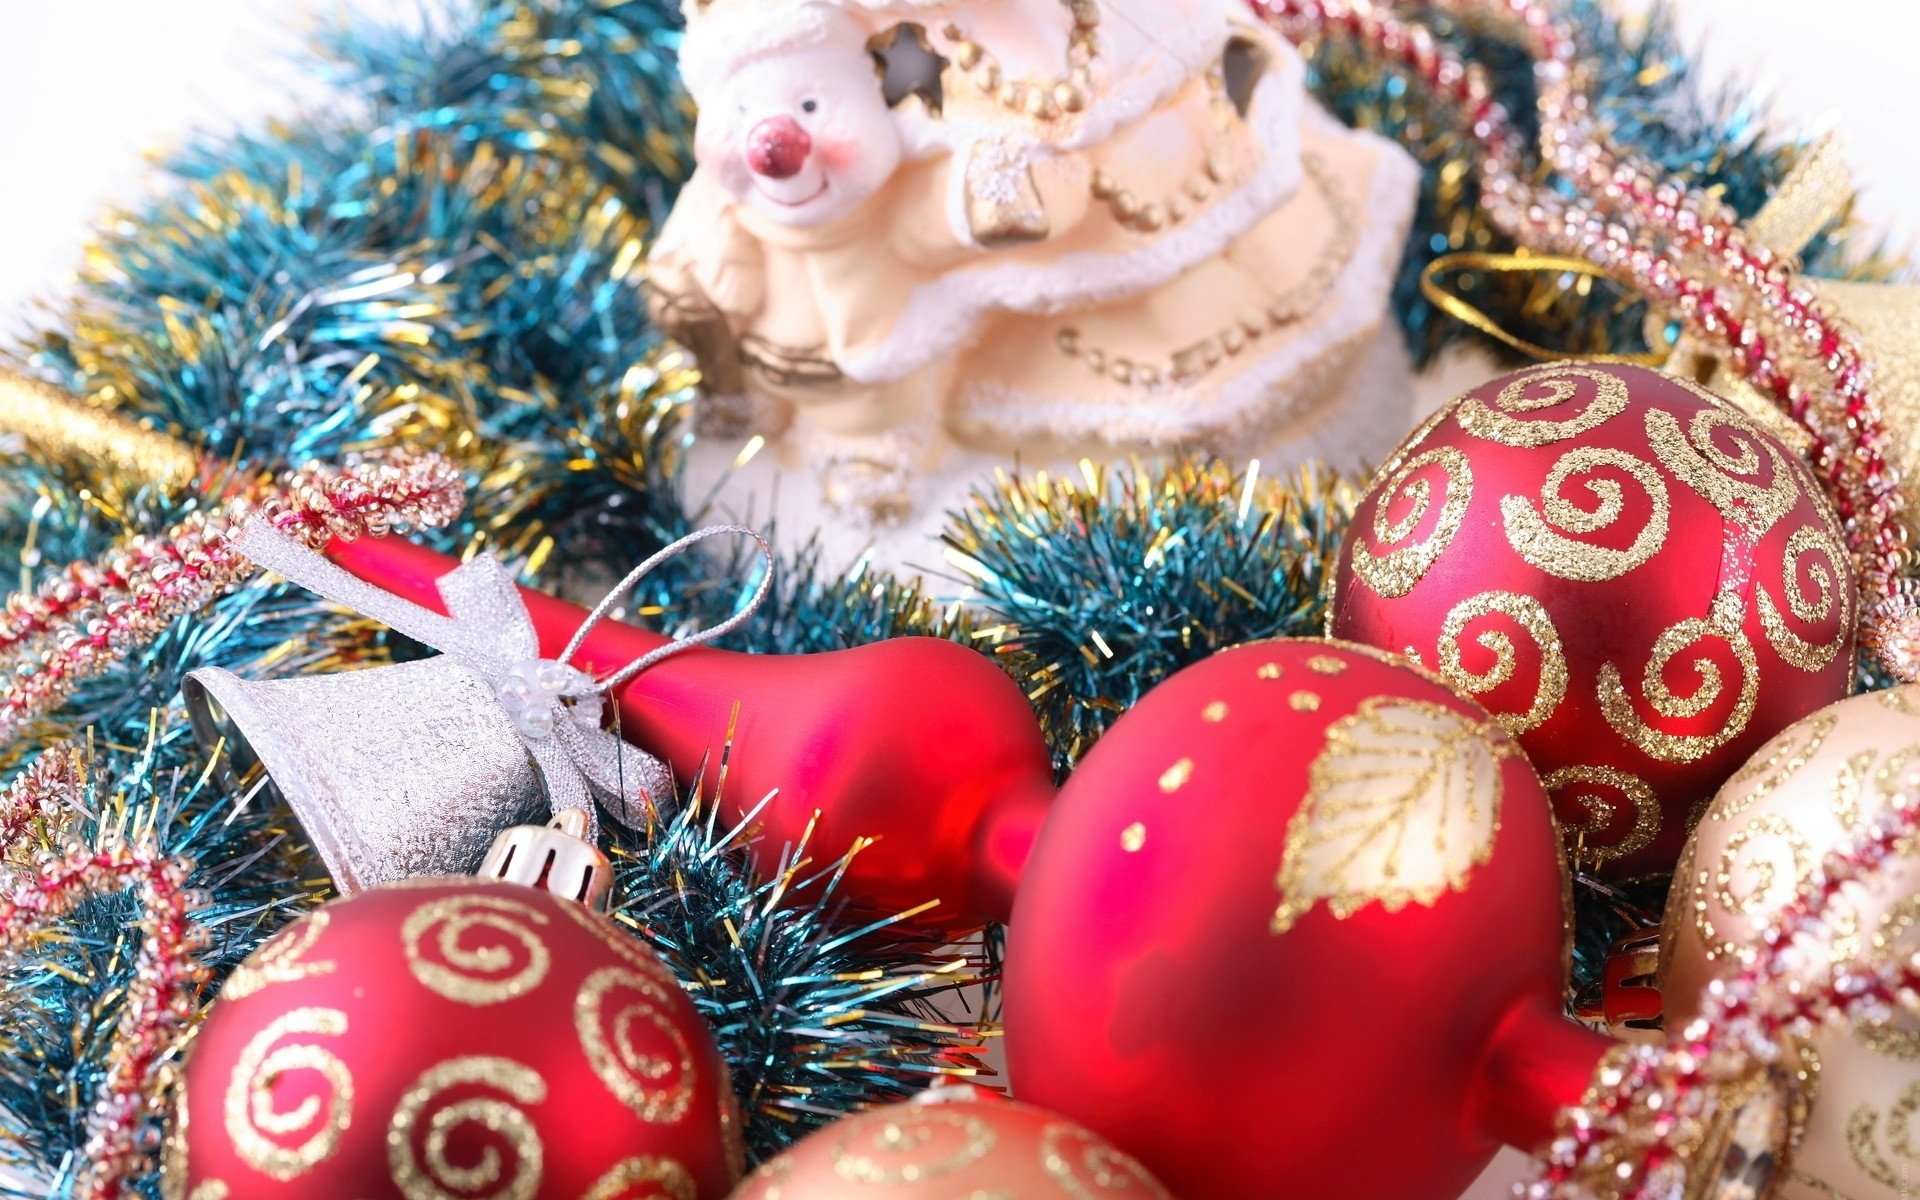 просчитывают новый год картинки на рабочий стол игрушки спасибо участие опросе